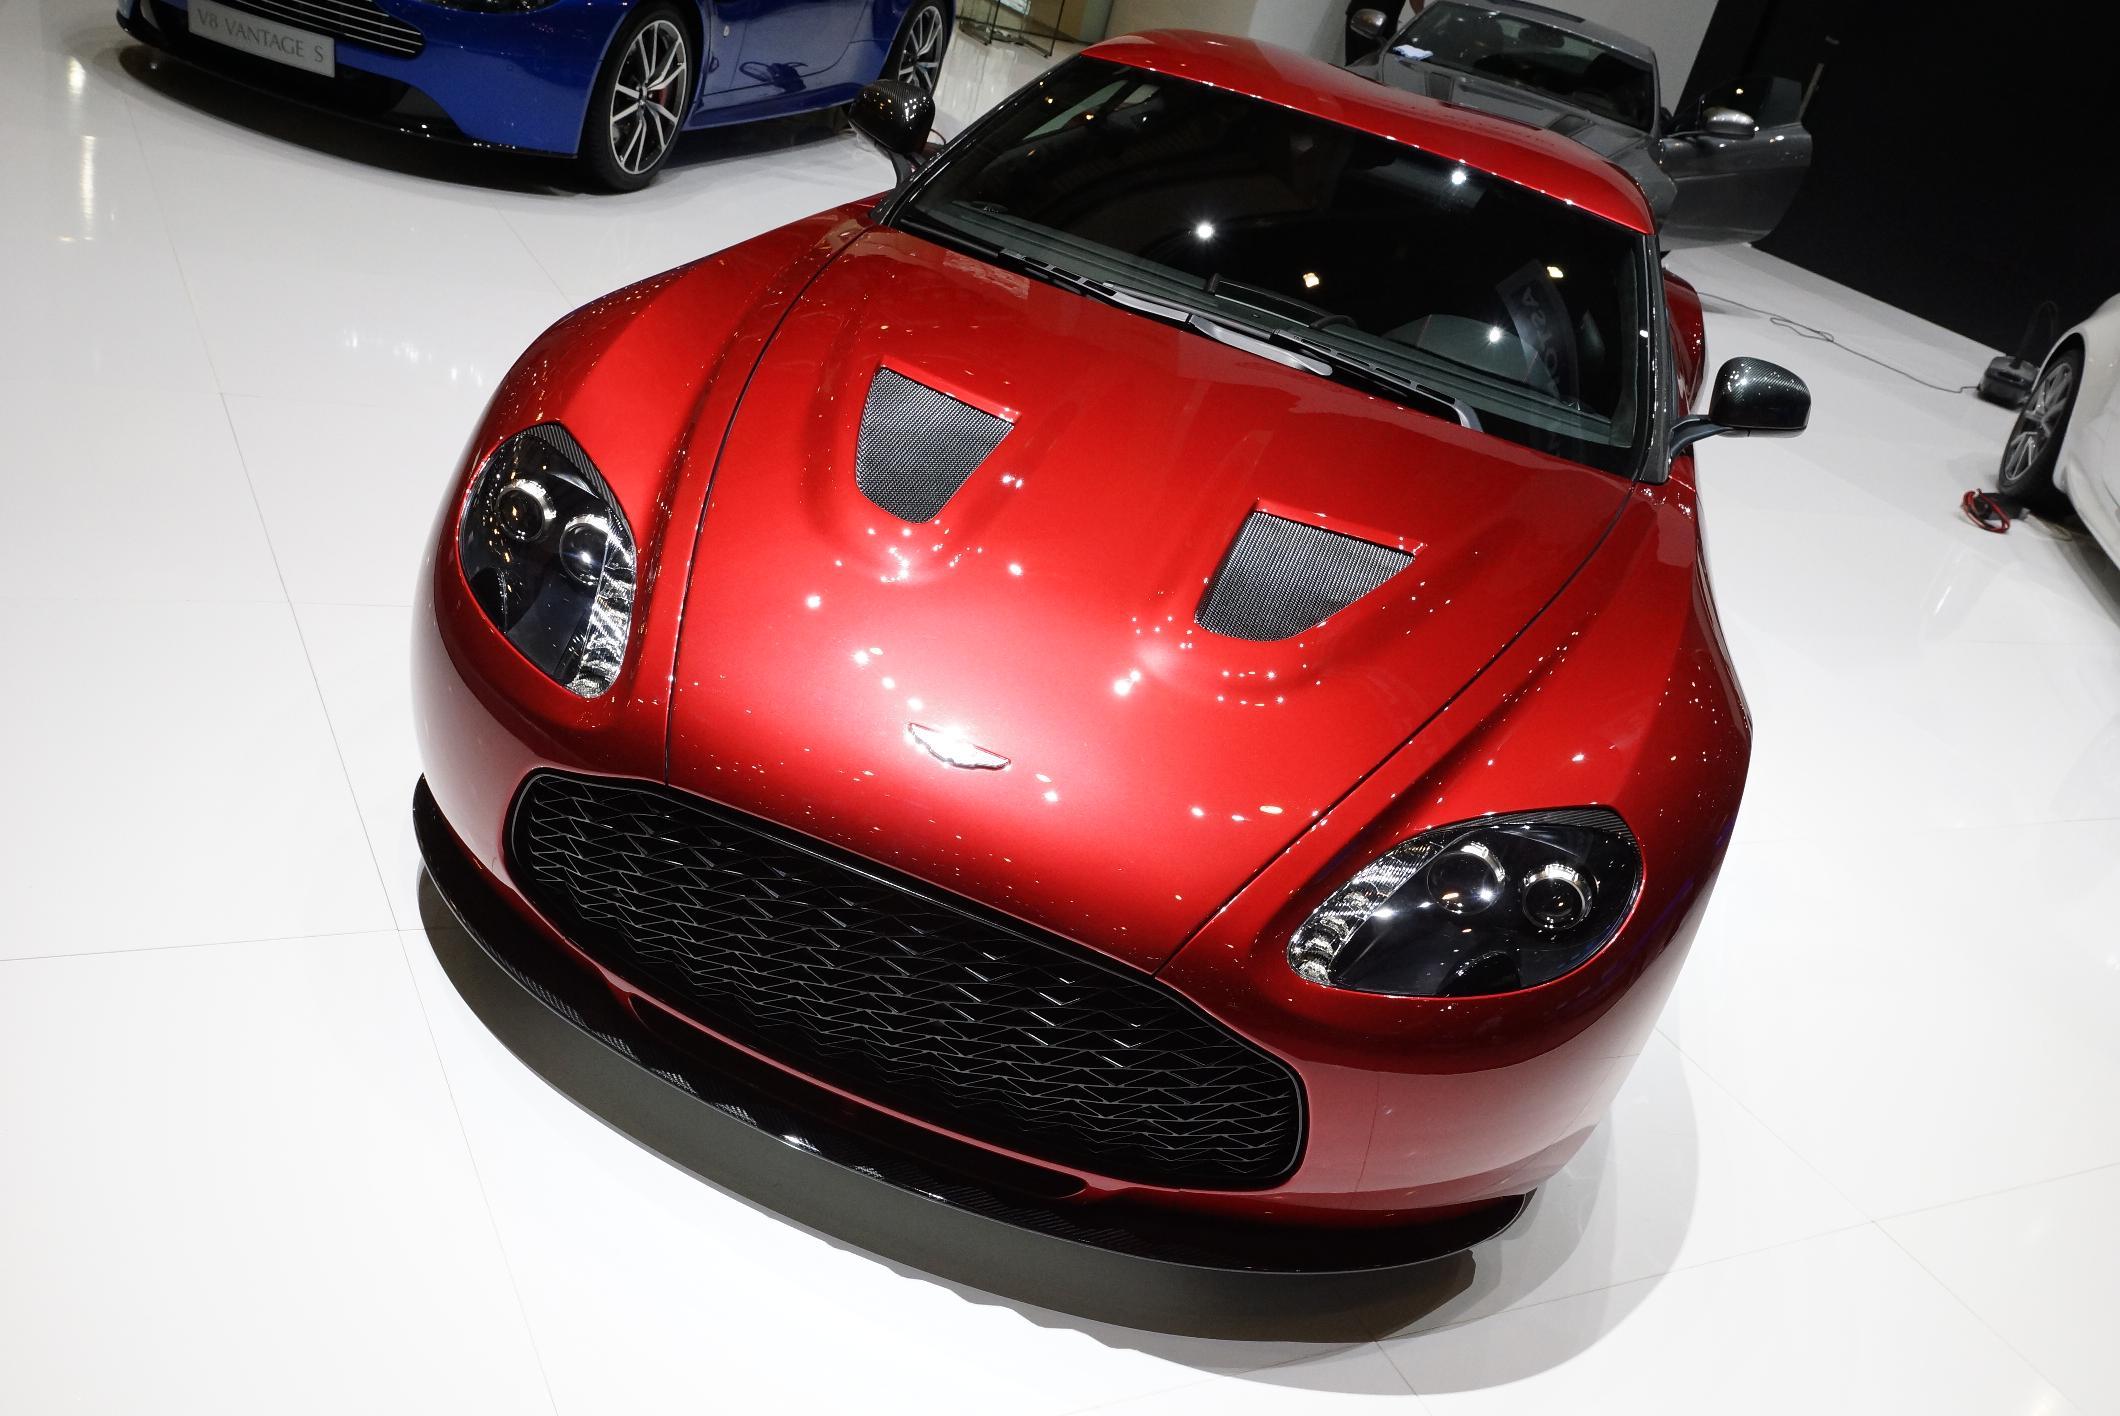 Aston Martin V12 Zagato Geneva 2012 Front